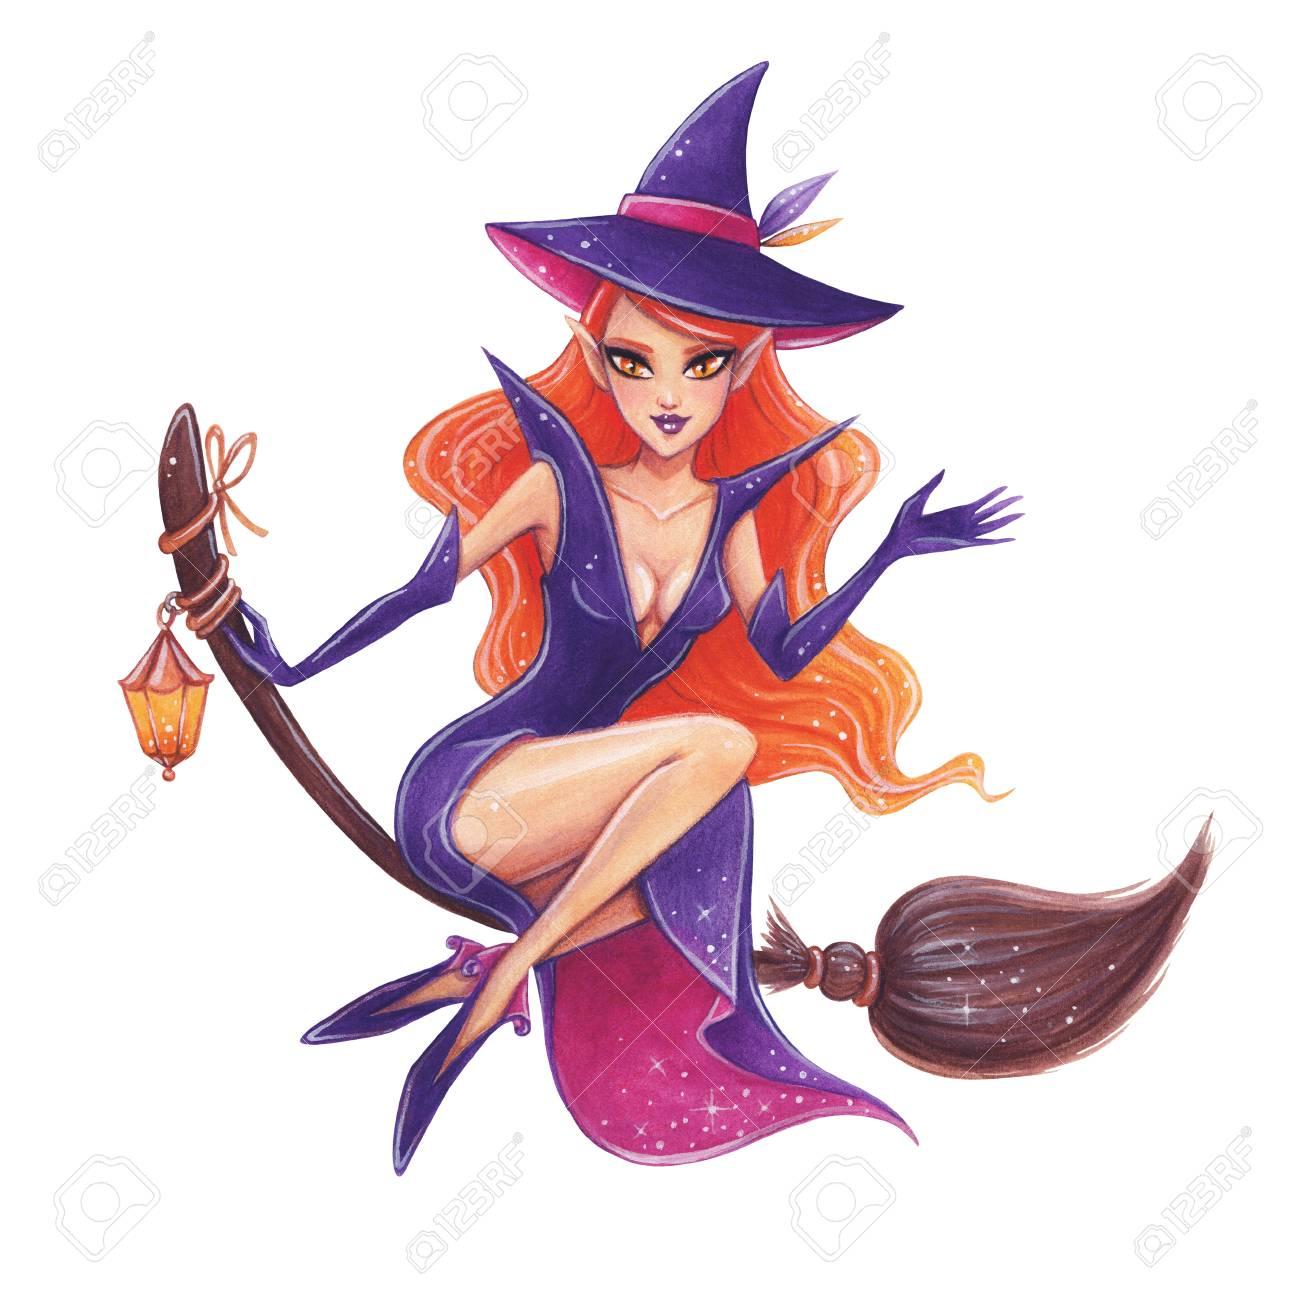 ハロウィーンの手描きイラスト。かわいい魔女ほうき。